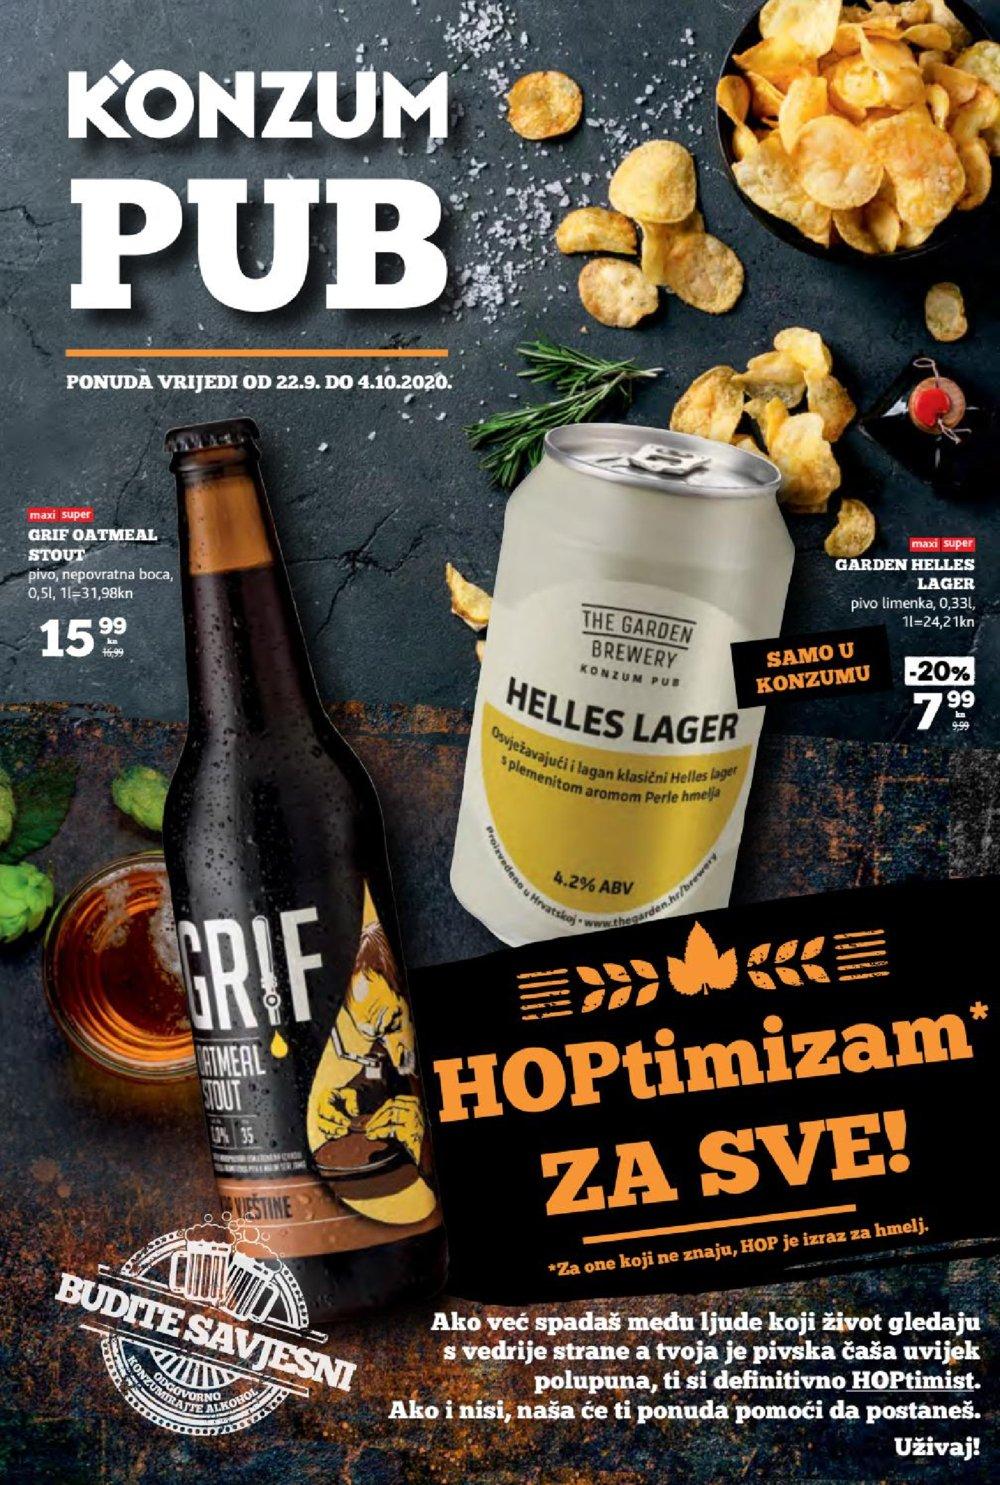 Konzum katalog Pub 22.09.-04.10.2020.